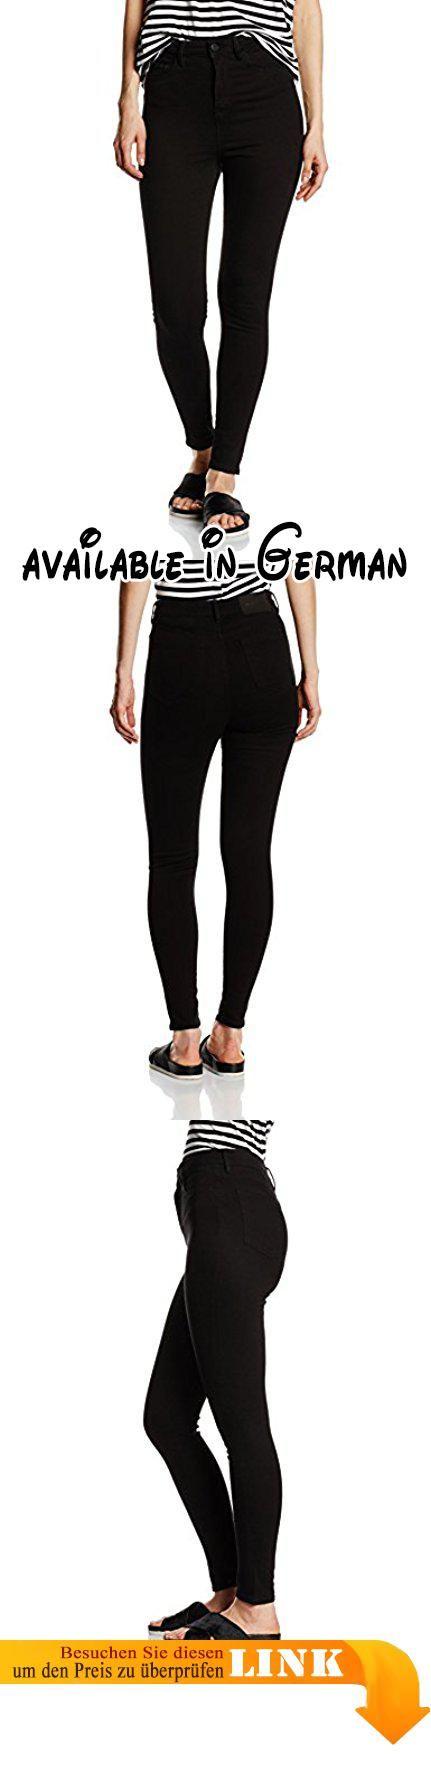 Wåven Damen Skinny Jeans Anika, schwarz(true Black)  - W30/L30 (Hersteller Größe:12).  #Apparel #PANTS